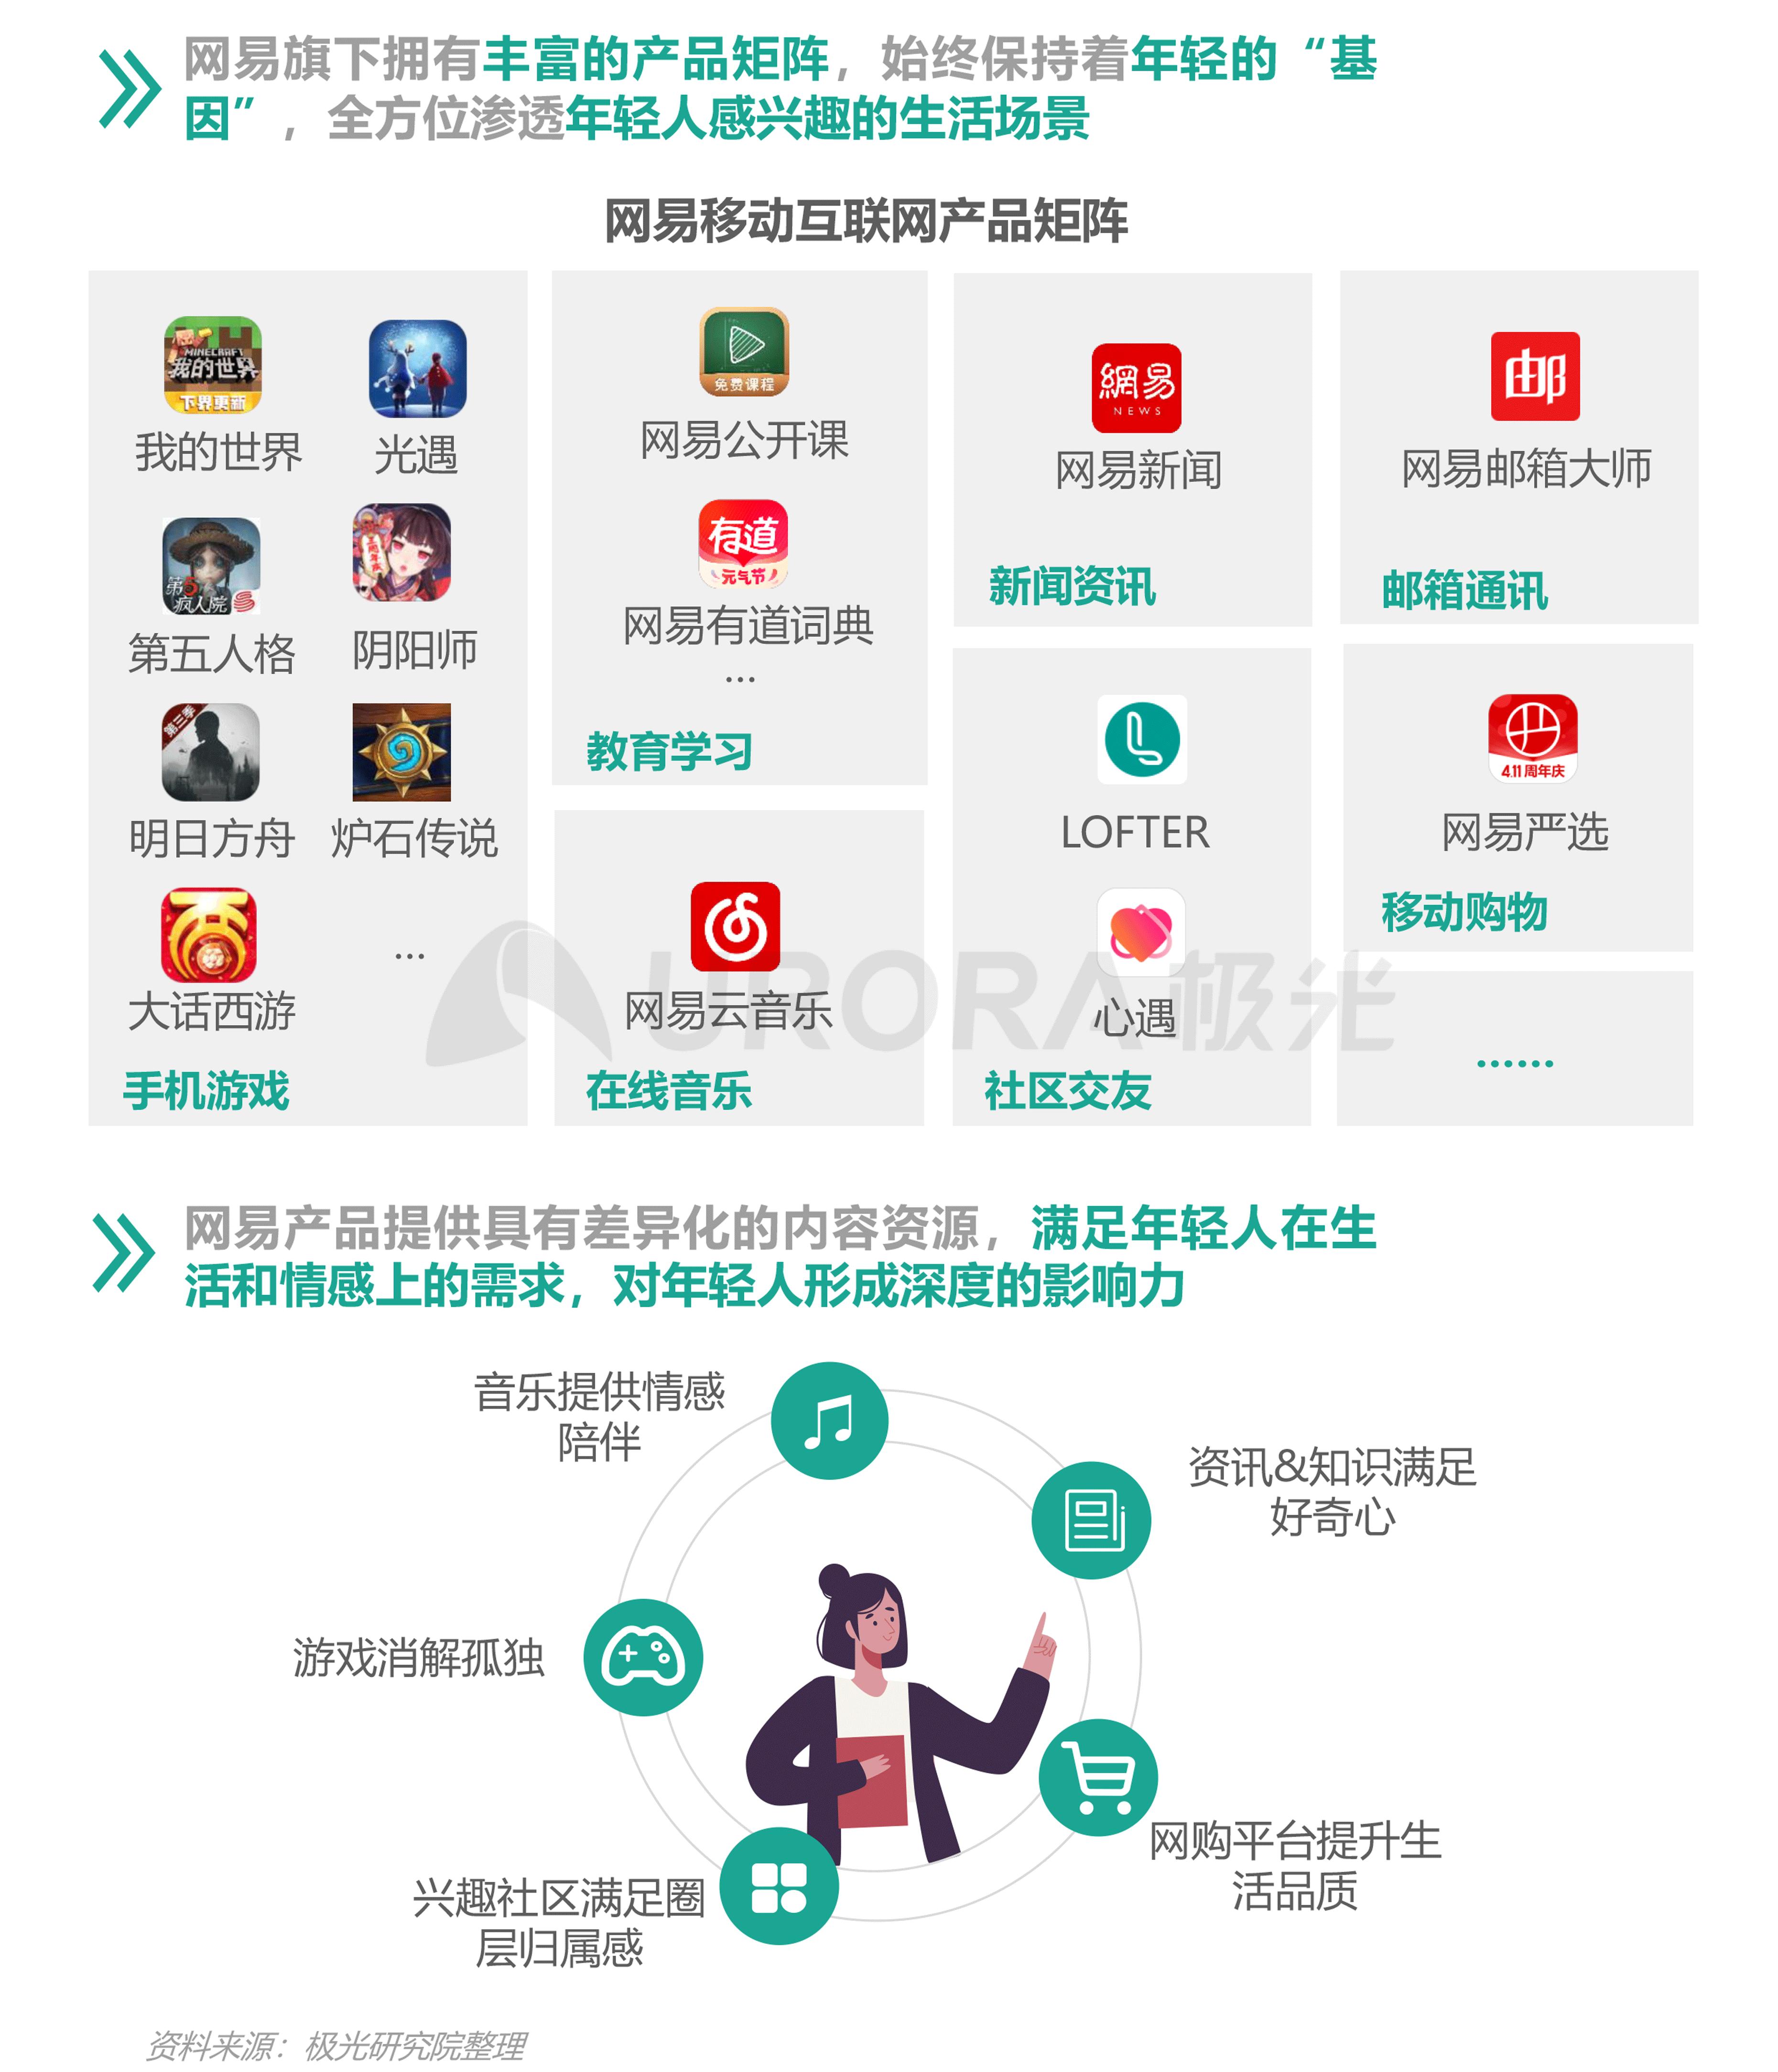 2021年轻人营销趋势研究报告【定稿】-38.png